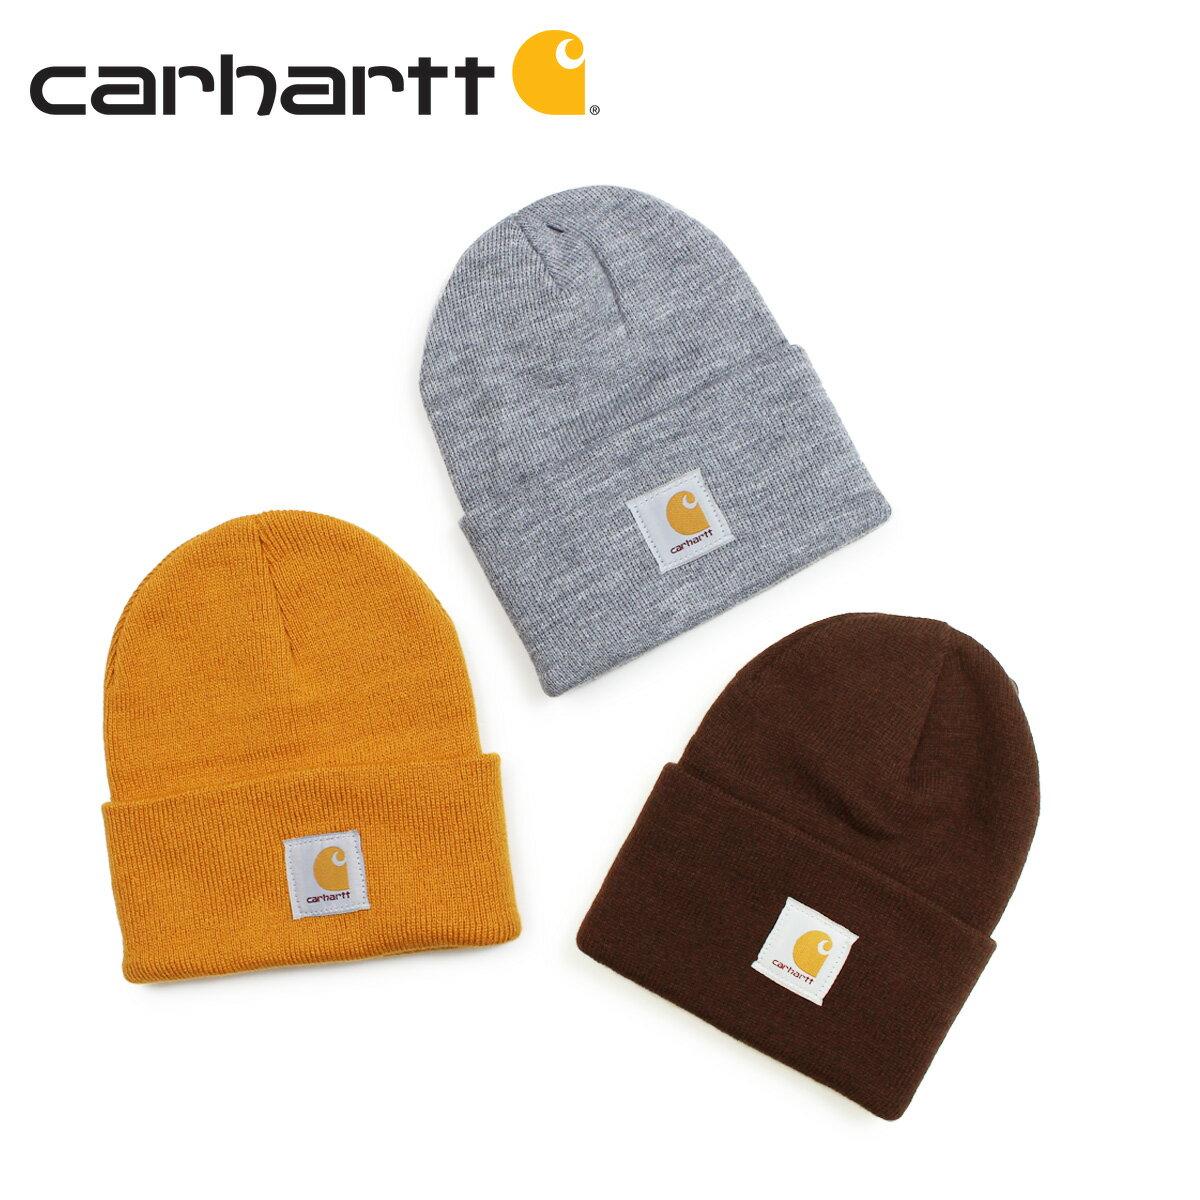 カーハート carhartt ニット帽 ニットキャップ ビーニー メンズ レディース ACRYLIC WATCH HAT グレー ダークブラウン ゴールド A18 [1/9 新入荷]